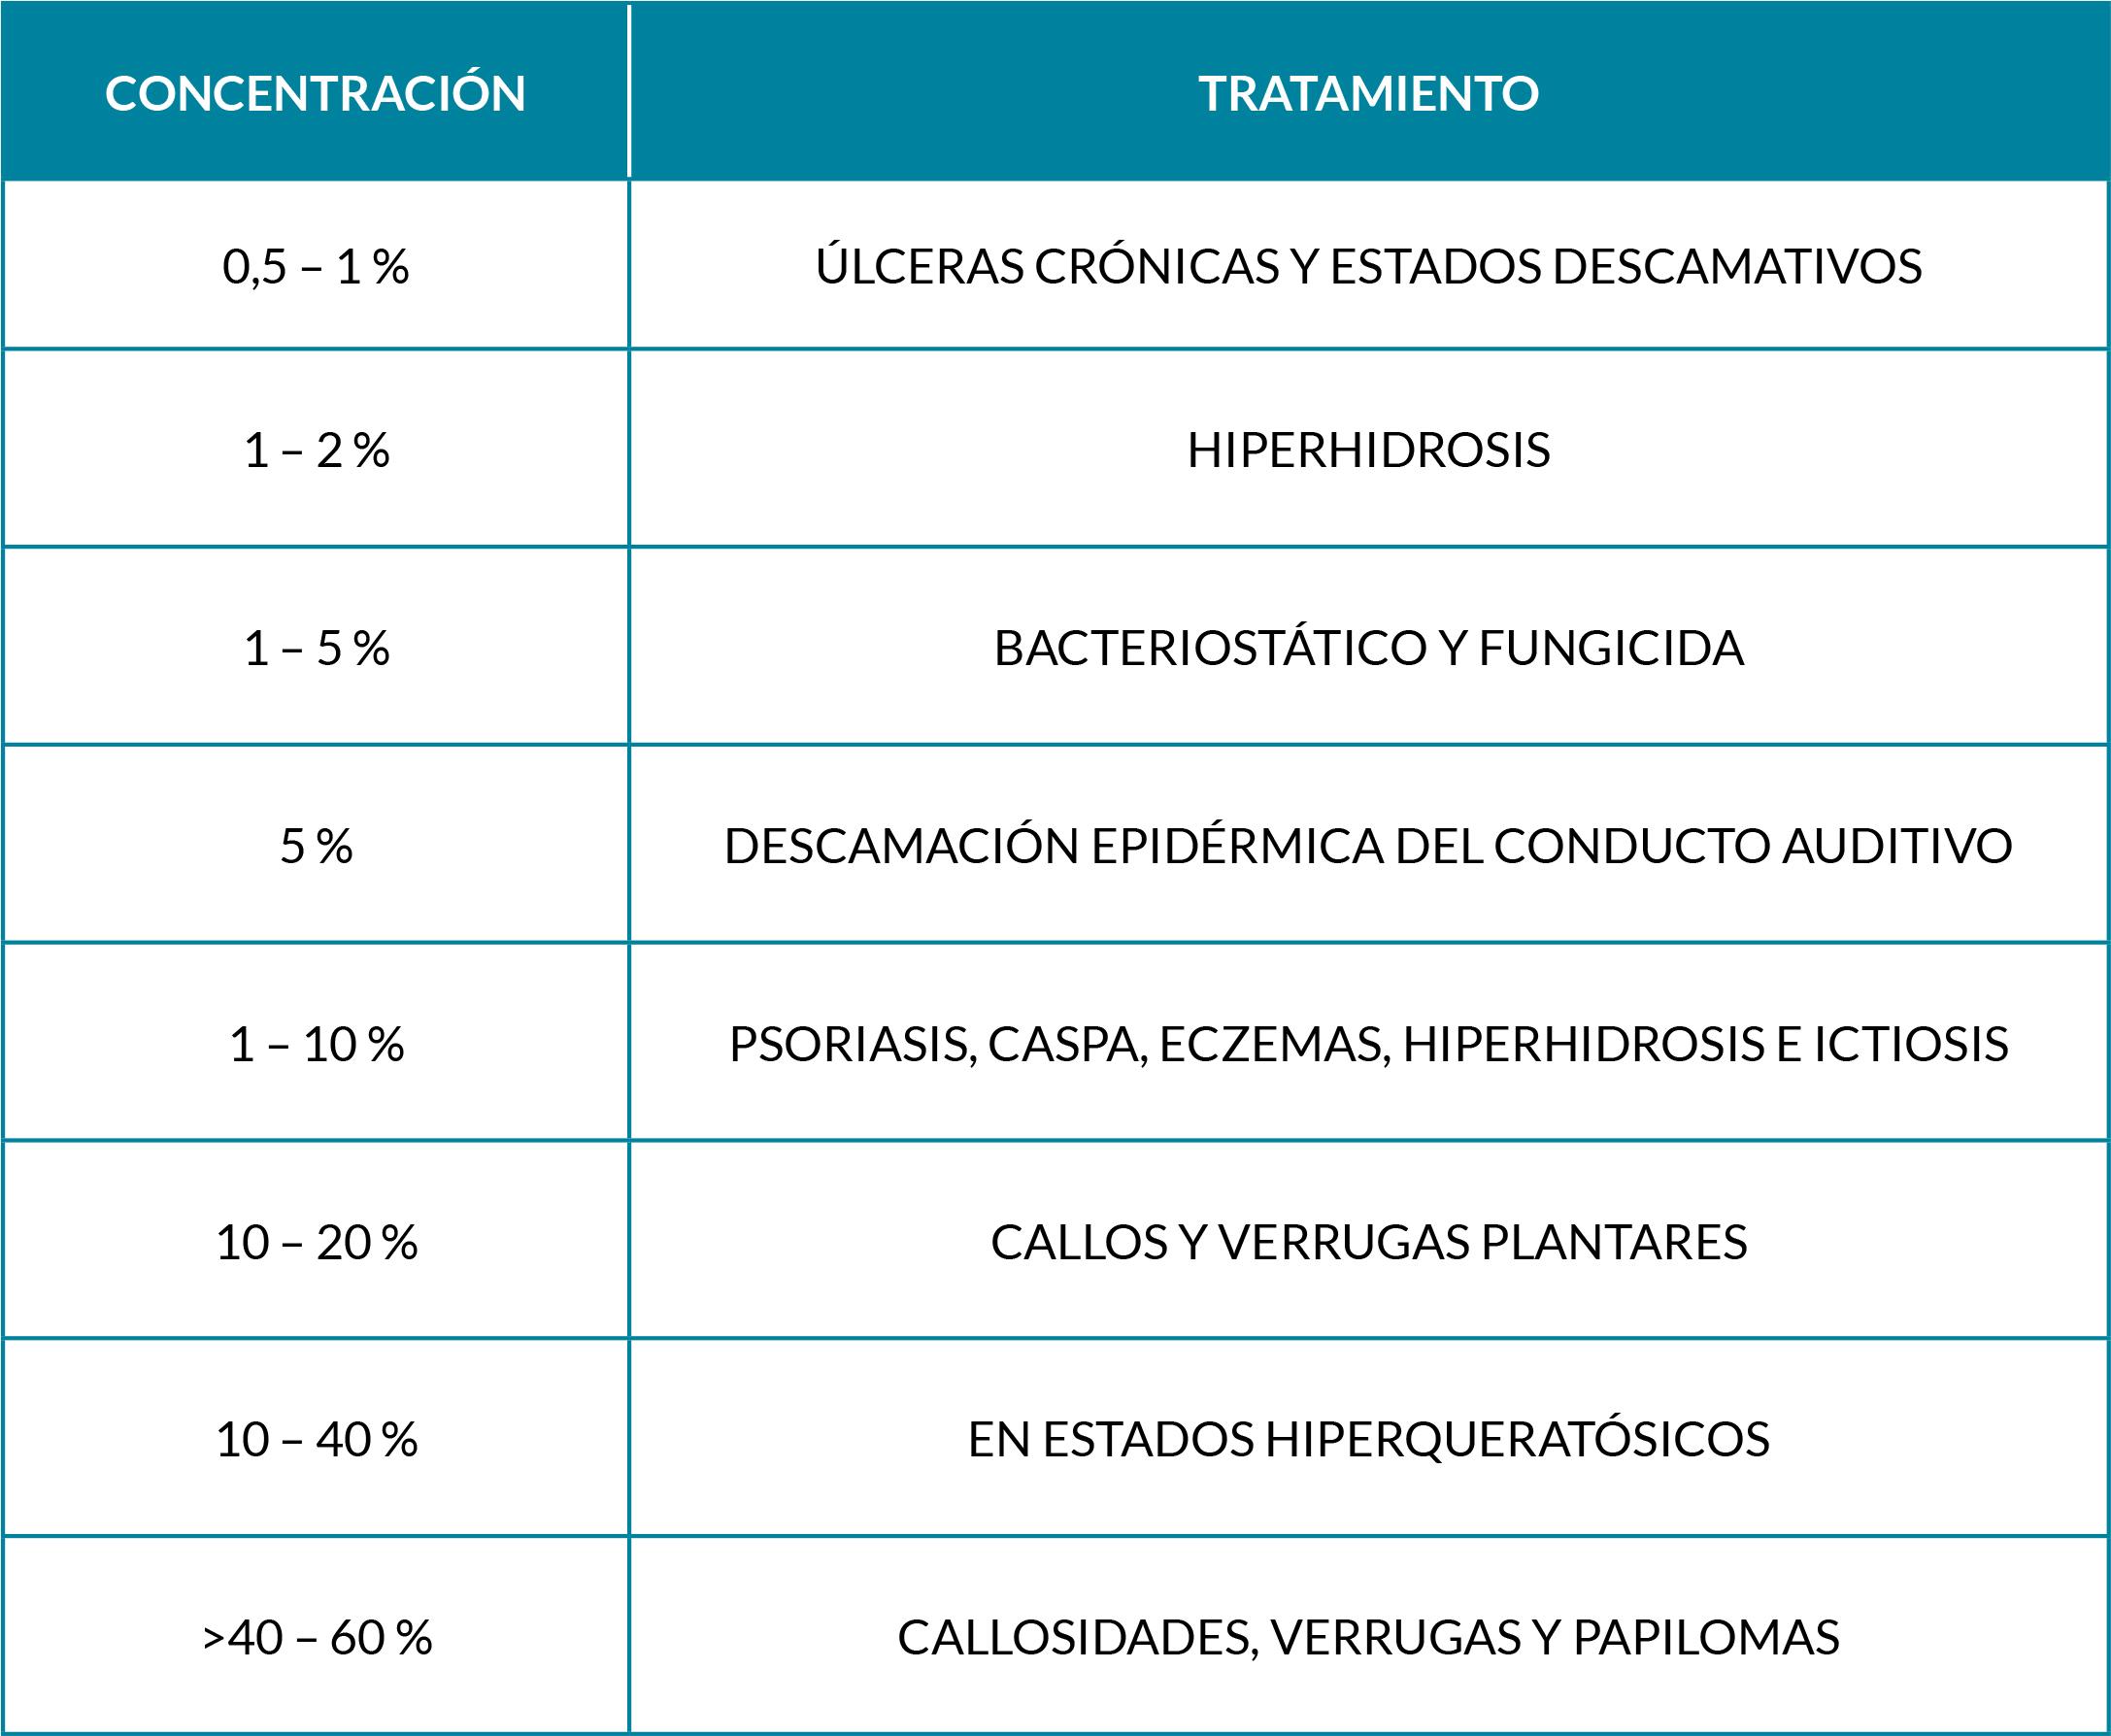 tabla concentraciones ácido salicílico según tratamiento